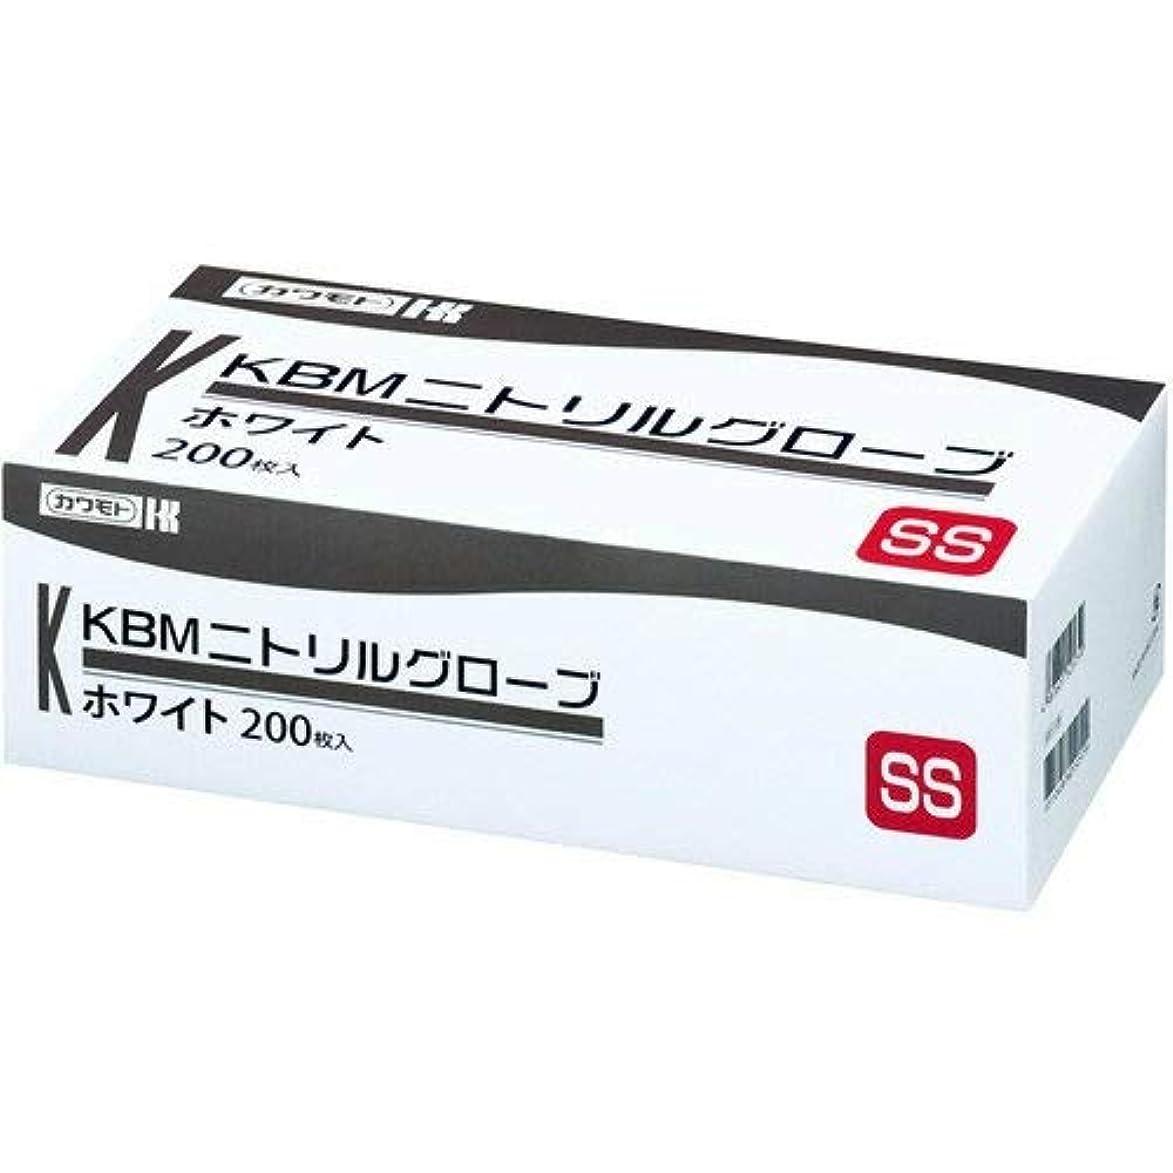 つらい正確罪川本産業 カワモト ニトリルグローブ ホワイト SS 200枚入